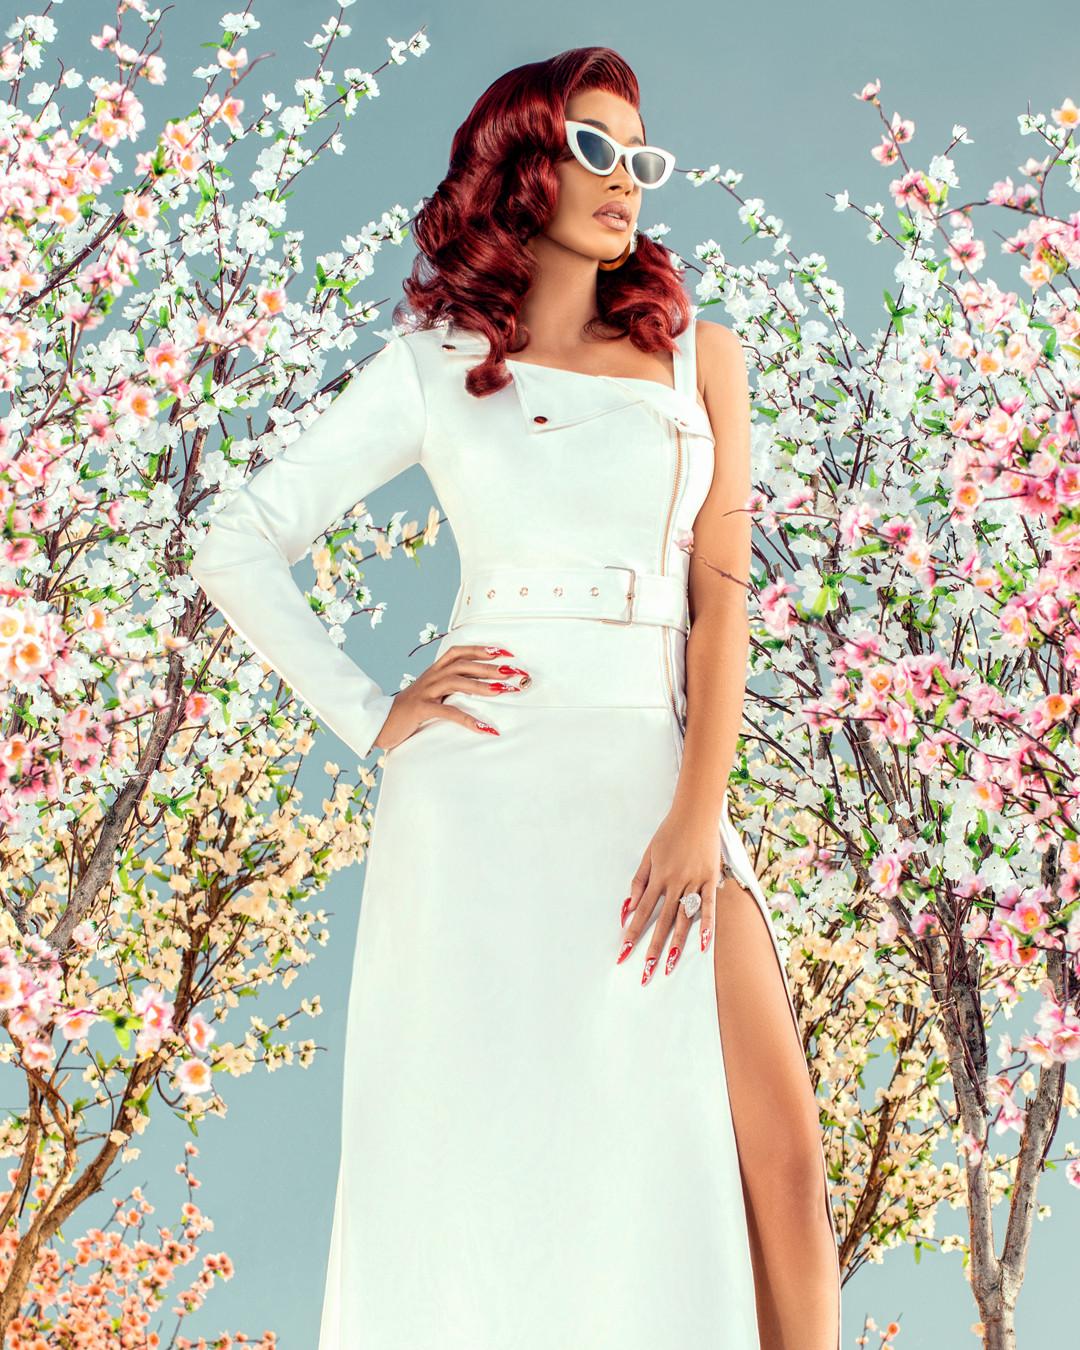 c95765ee4 Cardi B Says Her Fashion Nova Line Looks High-End Like Gucci | E! News